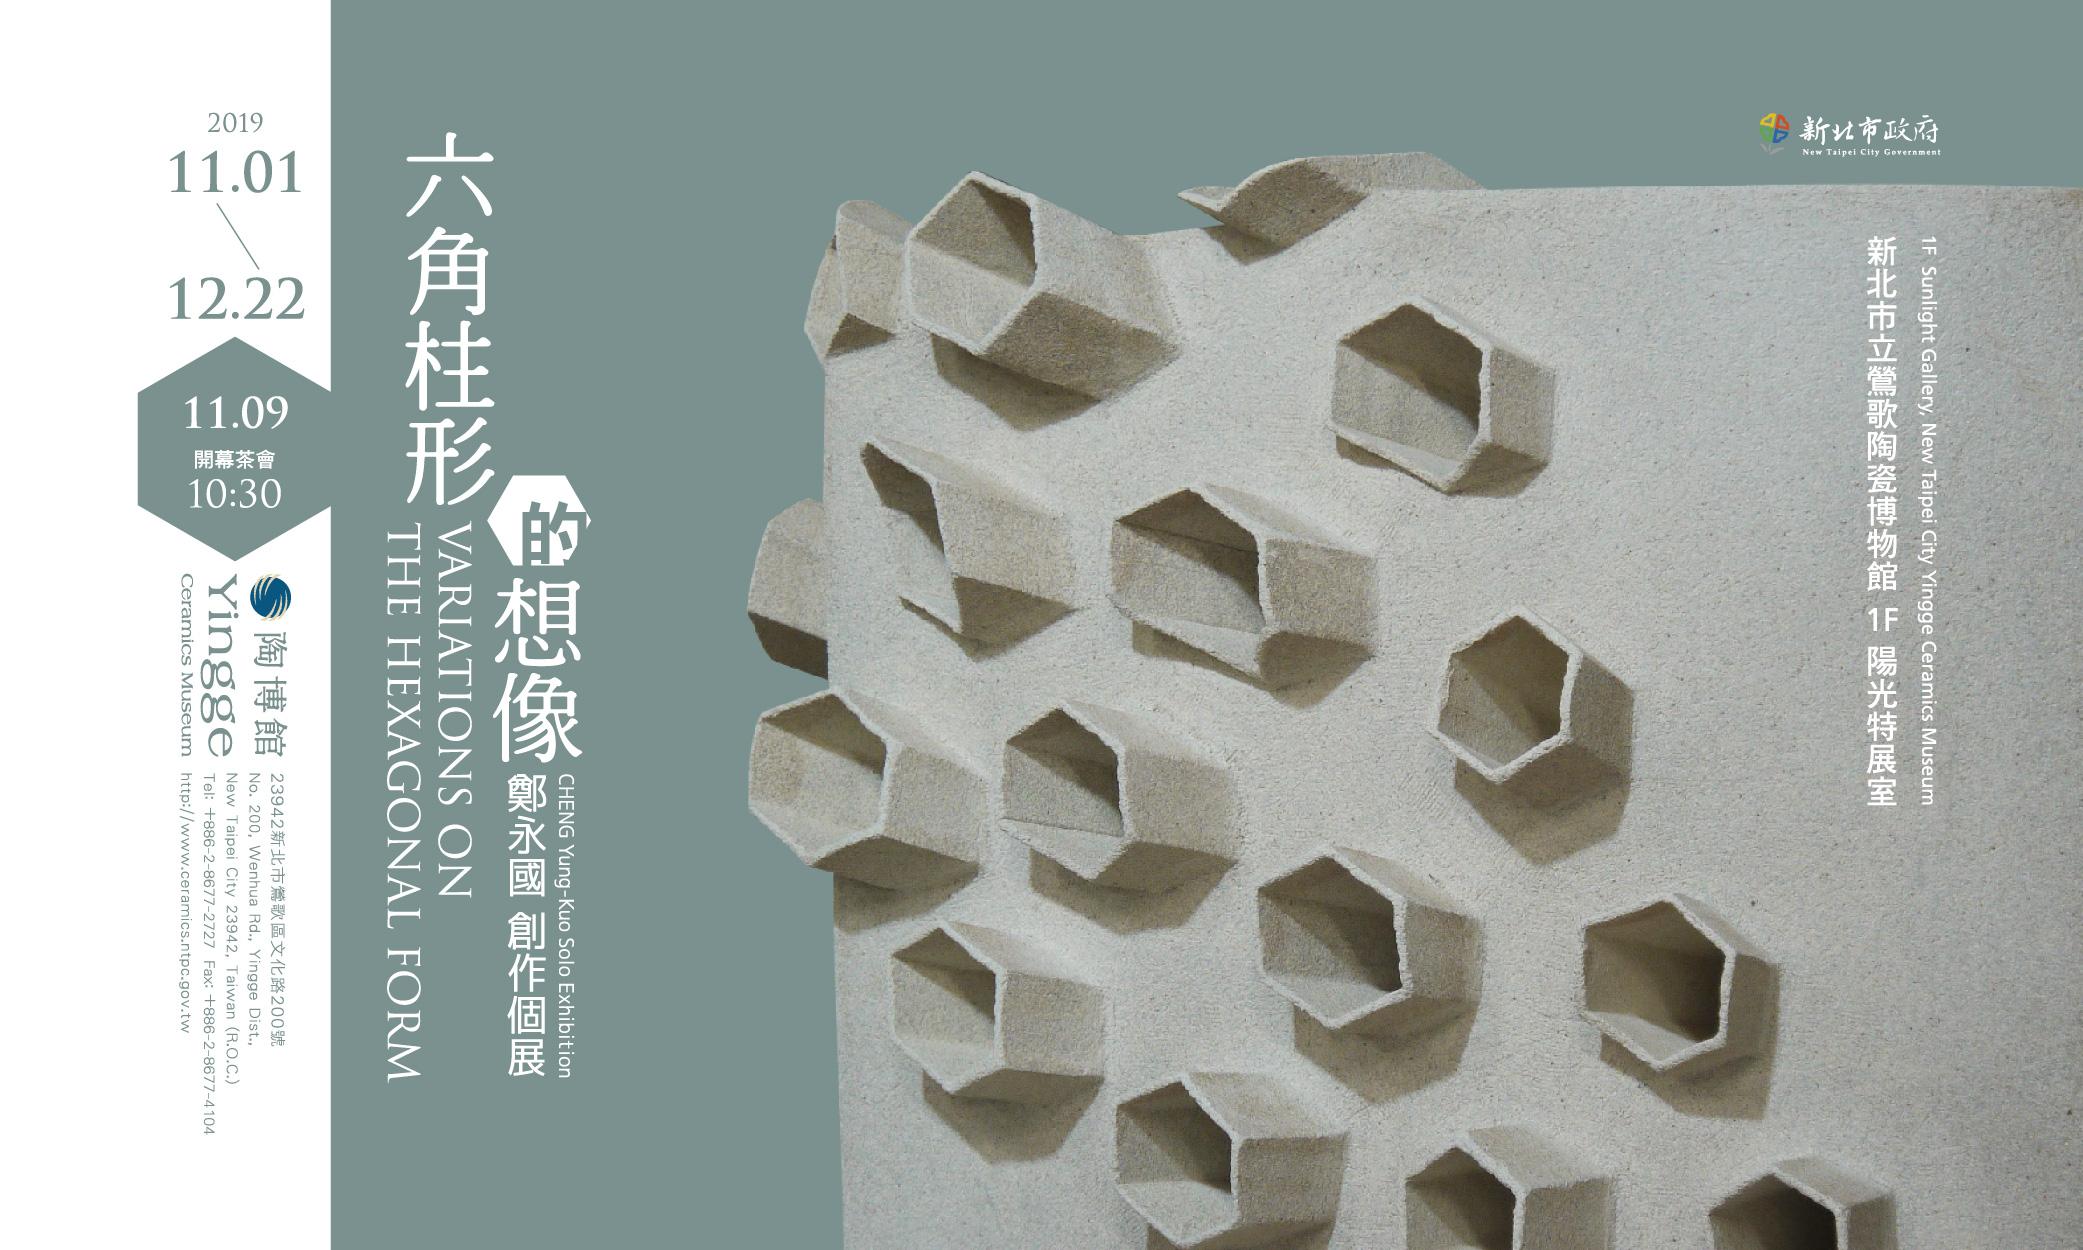 六角柱形的想像—鄭永國創作個展